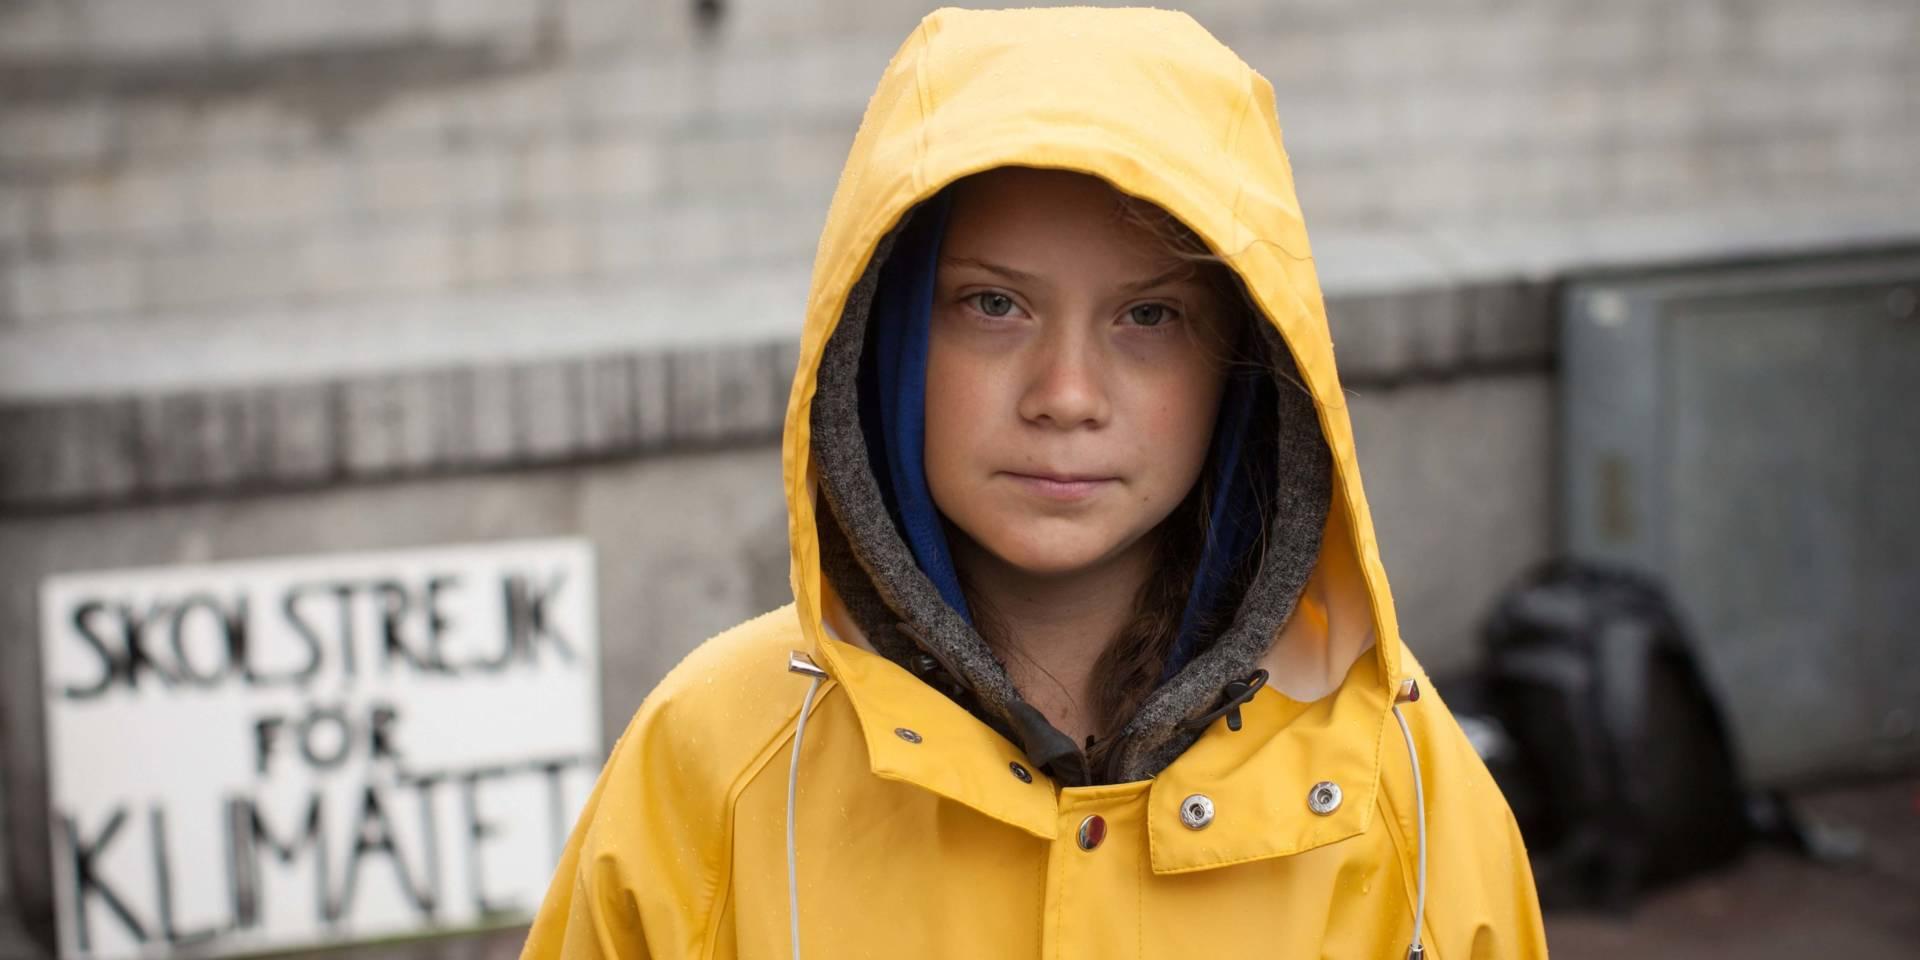 Chi è Greta Thunberg, la ragazza svedese che vuole salvare il pianeta